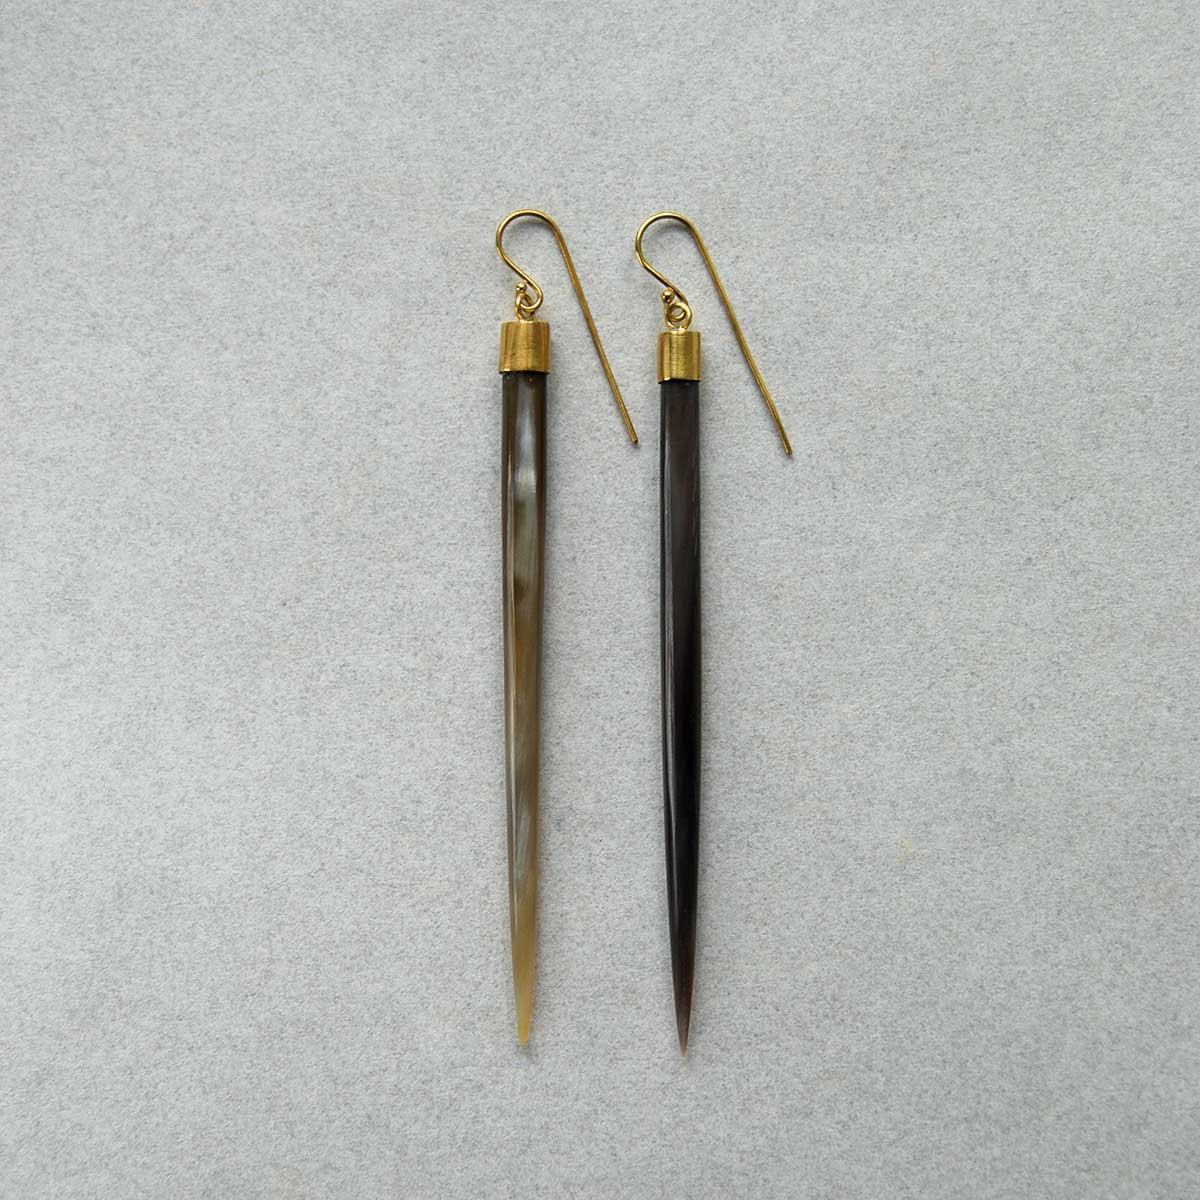 Earrings-01-1200x1200